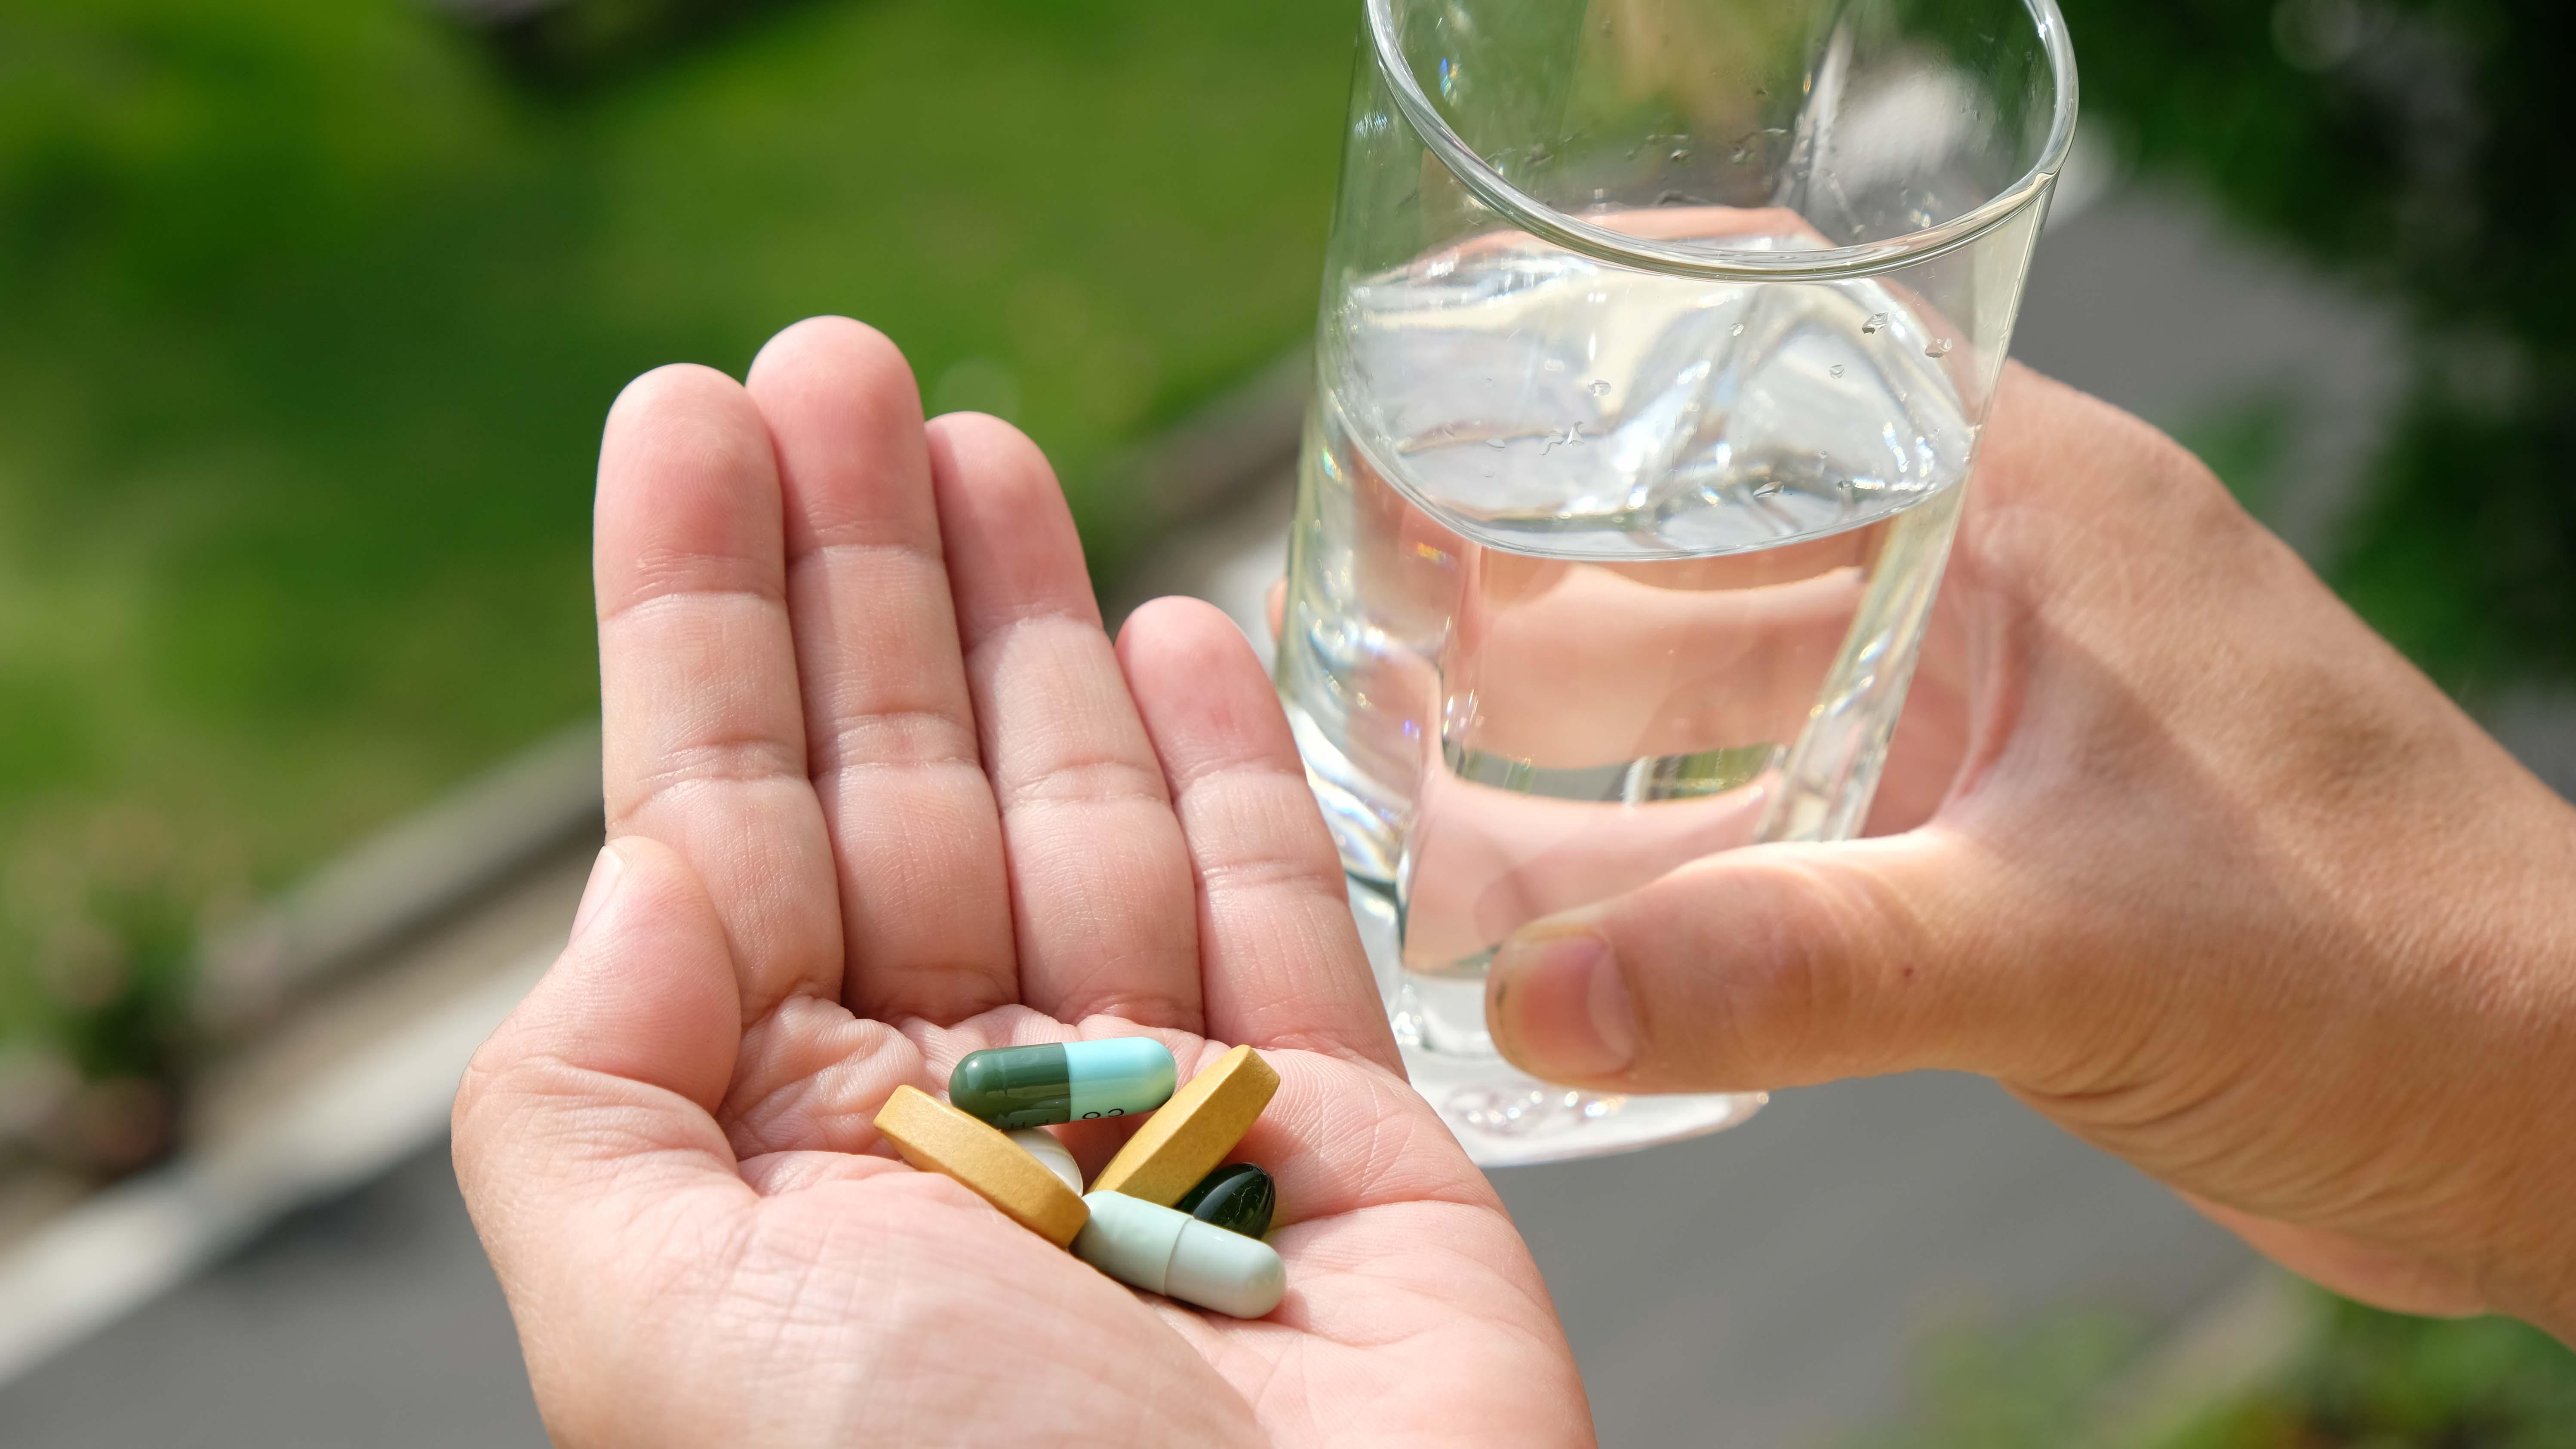 medicijnen slikken